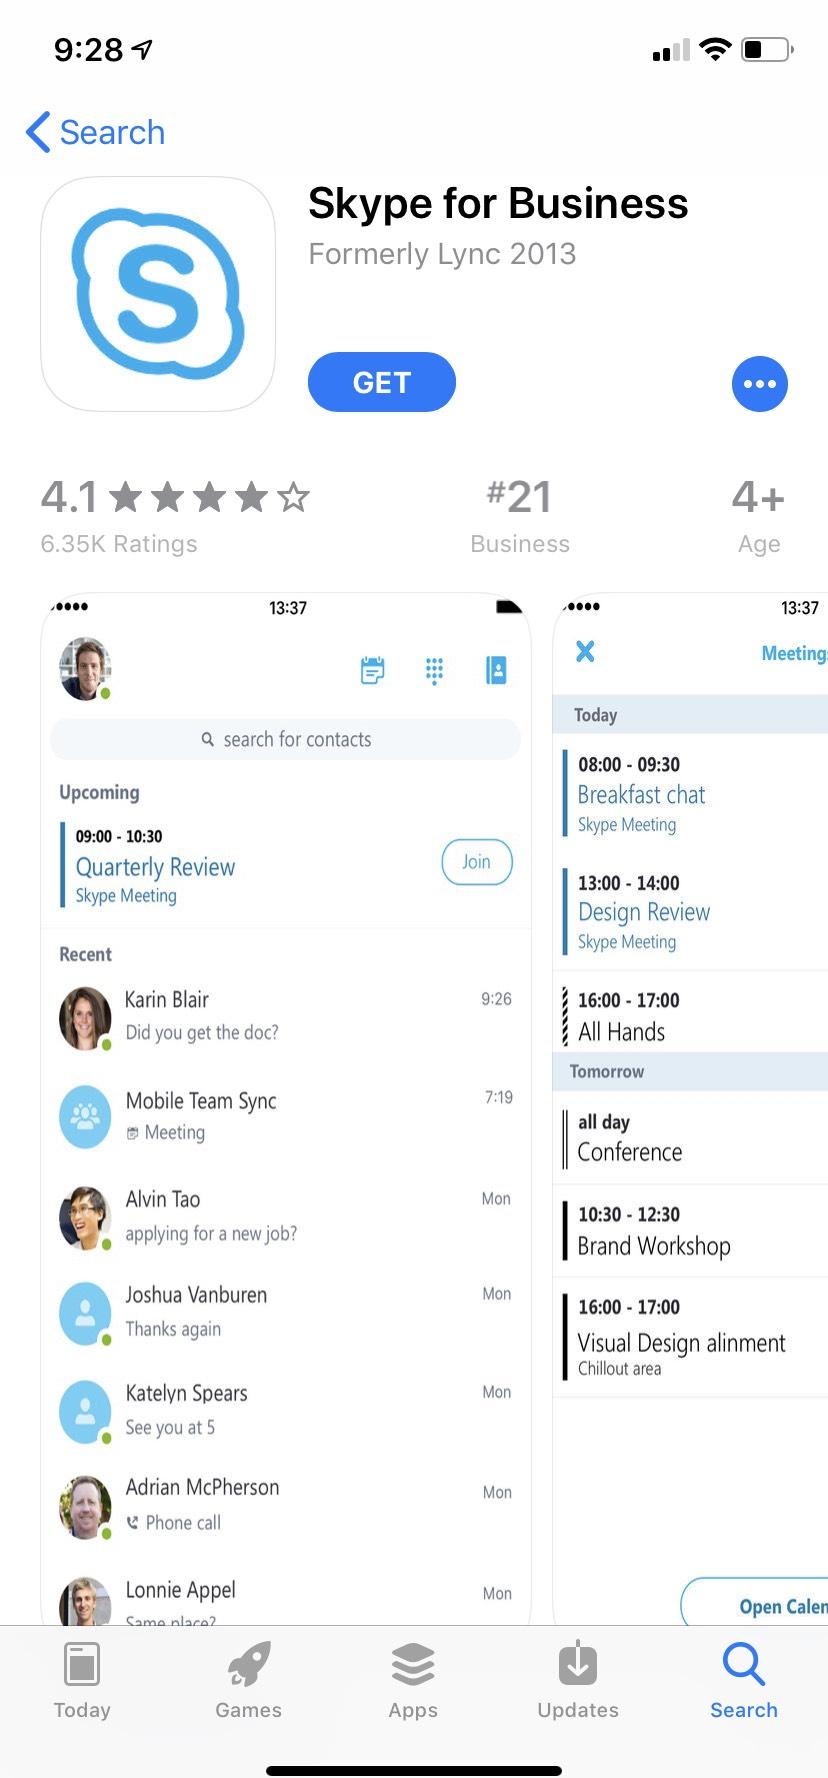 Skype for Business app